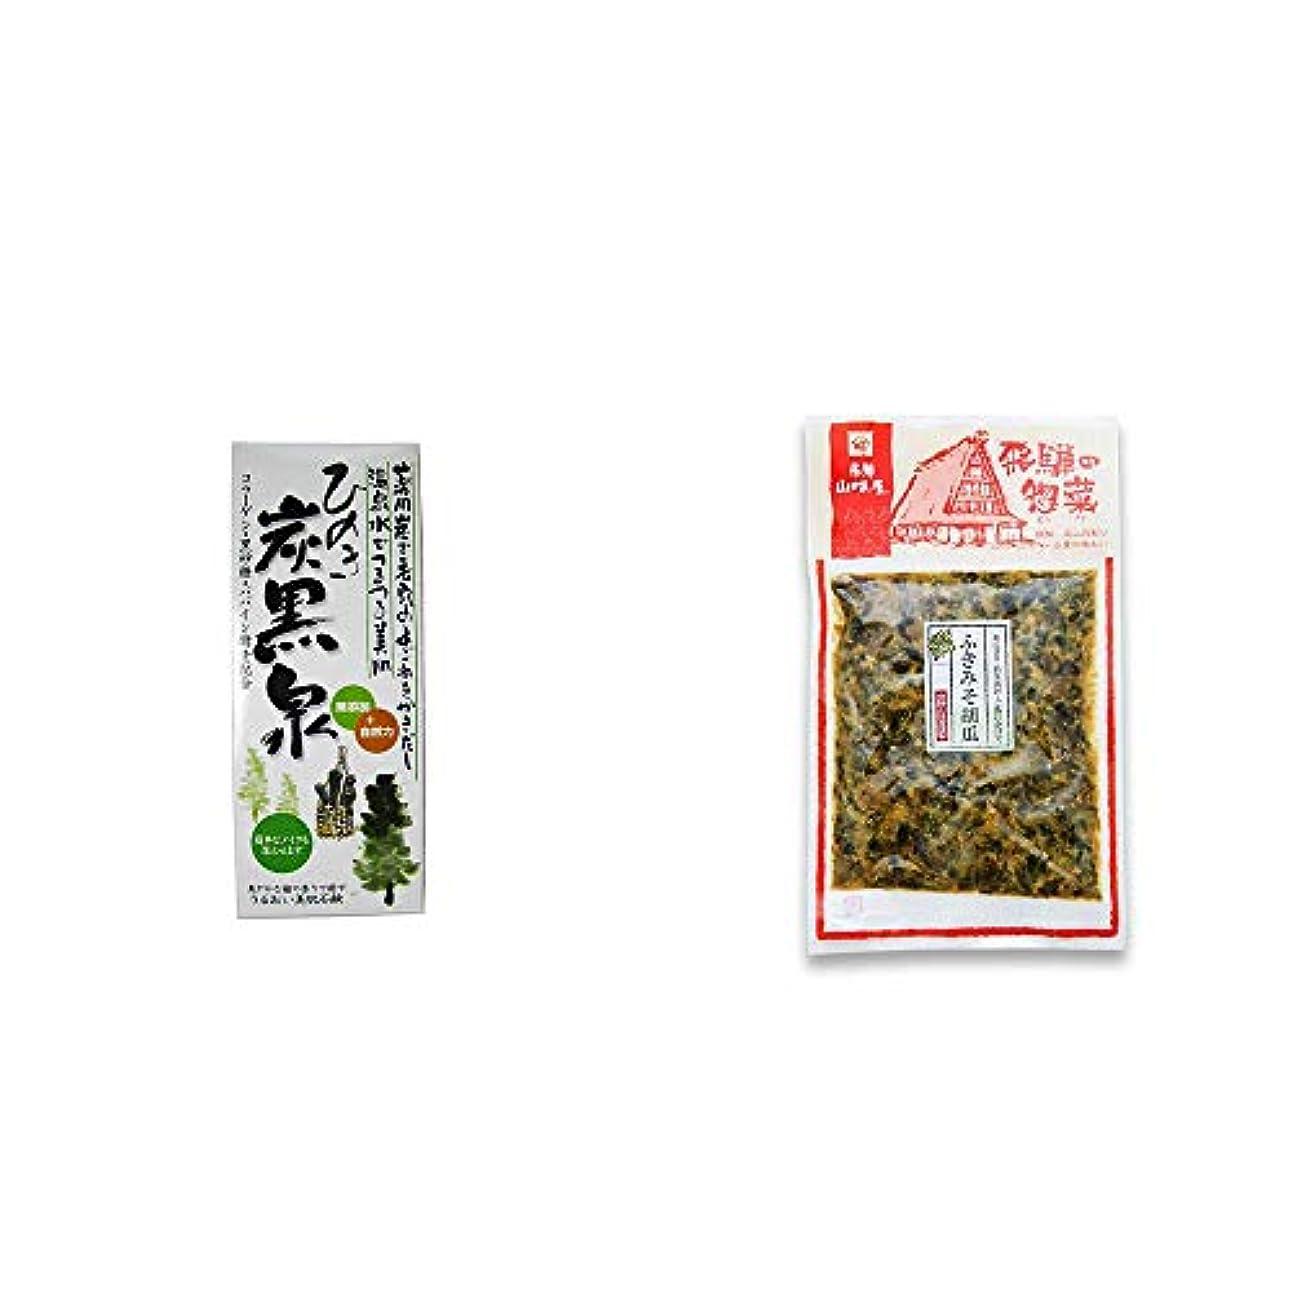 海外で桃ナプキン[2点セット] ひのき炭黒泉 箱入り(75g×3)?飛騨山味屋 ふきみそ胡瓜(120g)